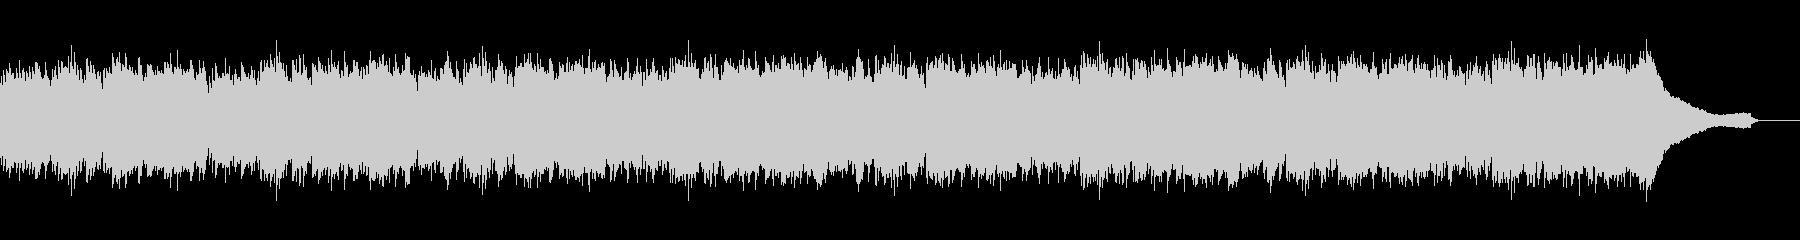 企業VP映像、129オーケストラ、爽快bの未再生の波形